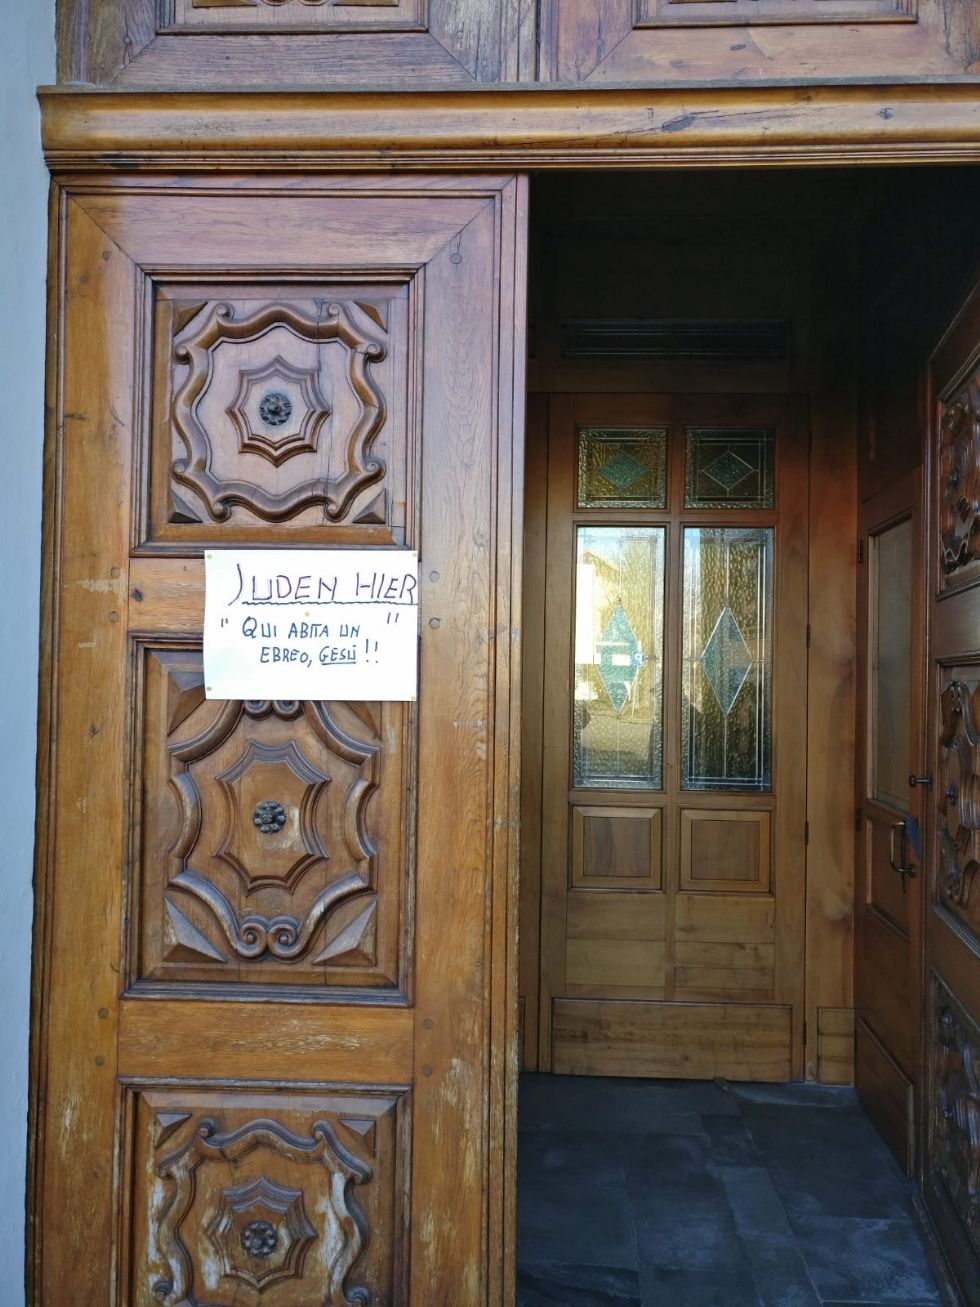 LA LOGGIA - Don Marini appende un cartello fuori dalla parrocchia: 'Juden Hier'